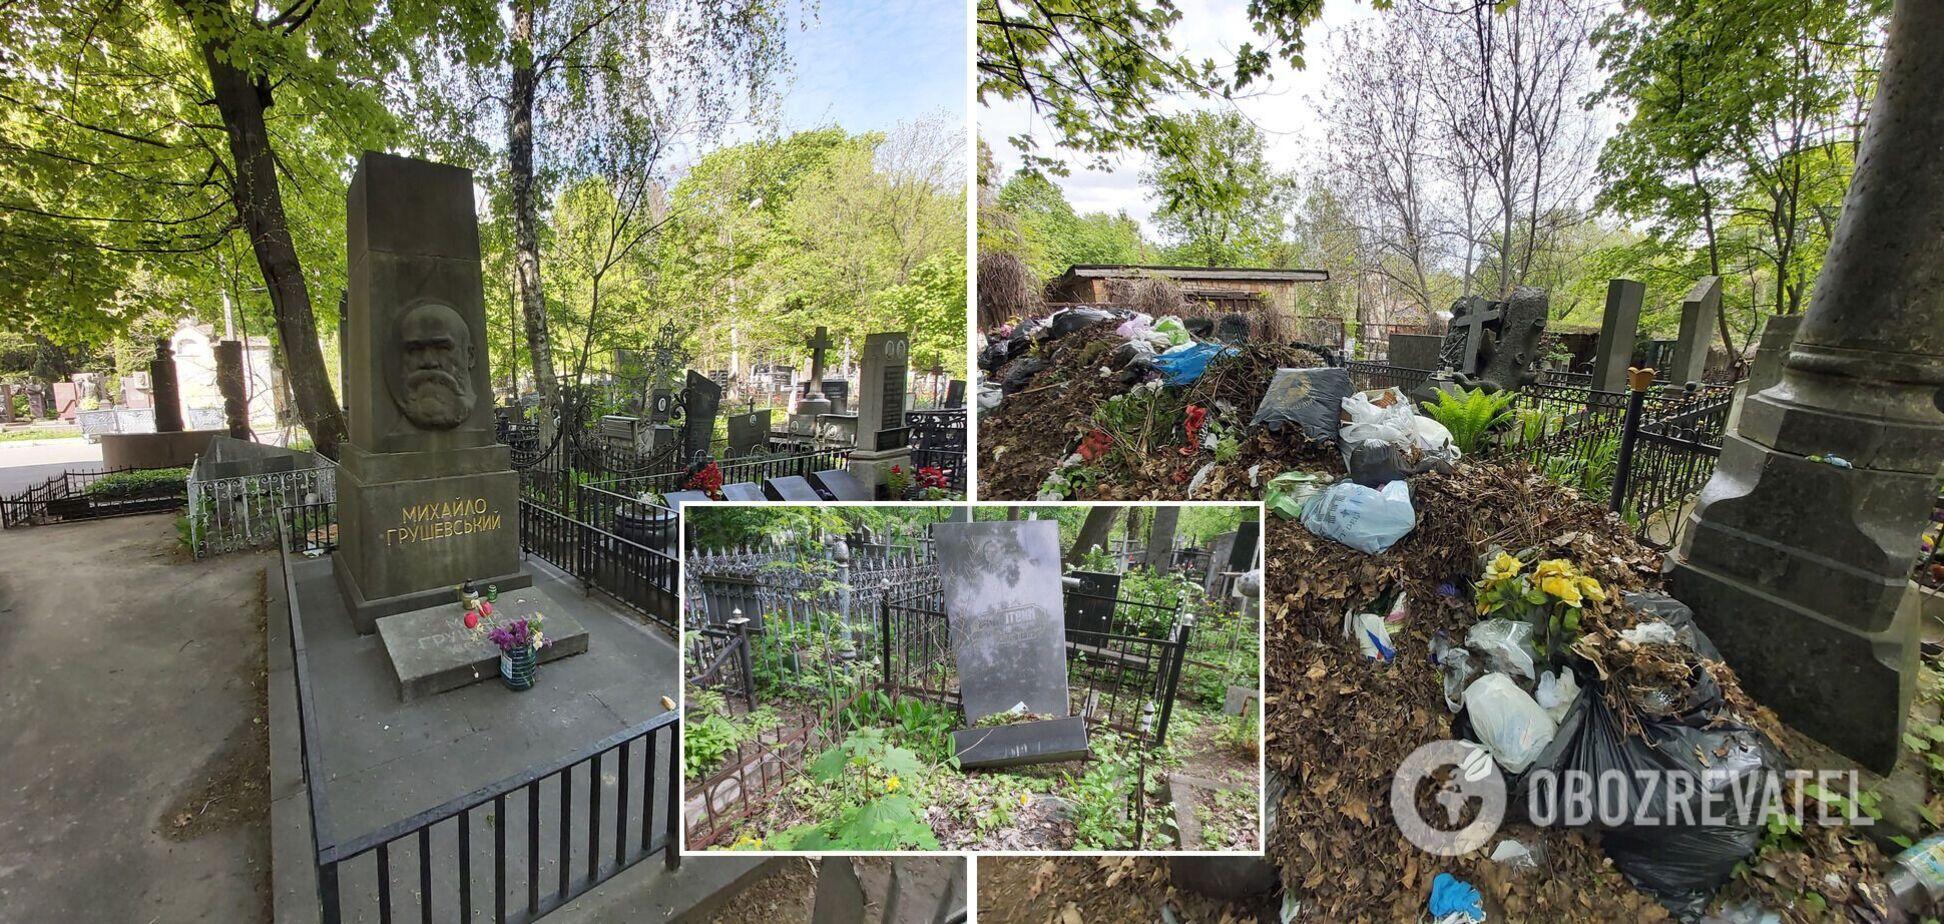 Горы мусора, разграбленные могилы и склепы: как сейчас выглядит легендарное Байково кладбище в Киеве. Фото